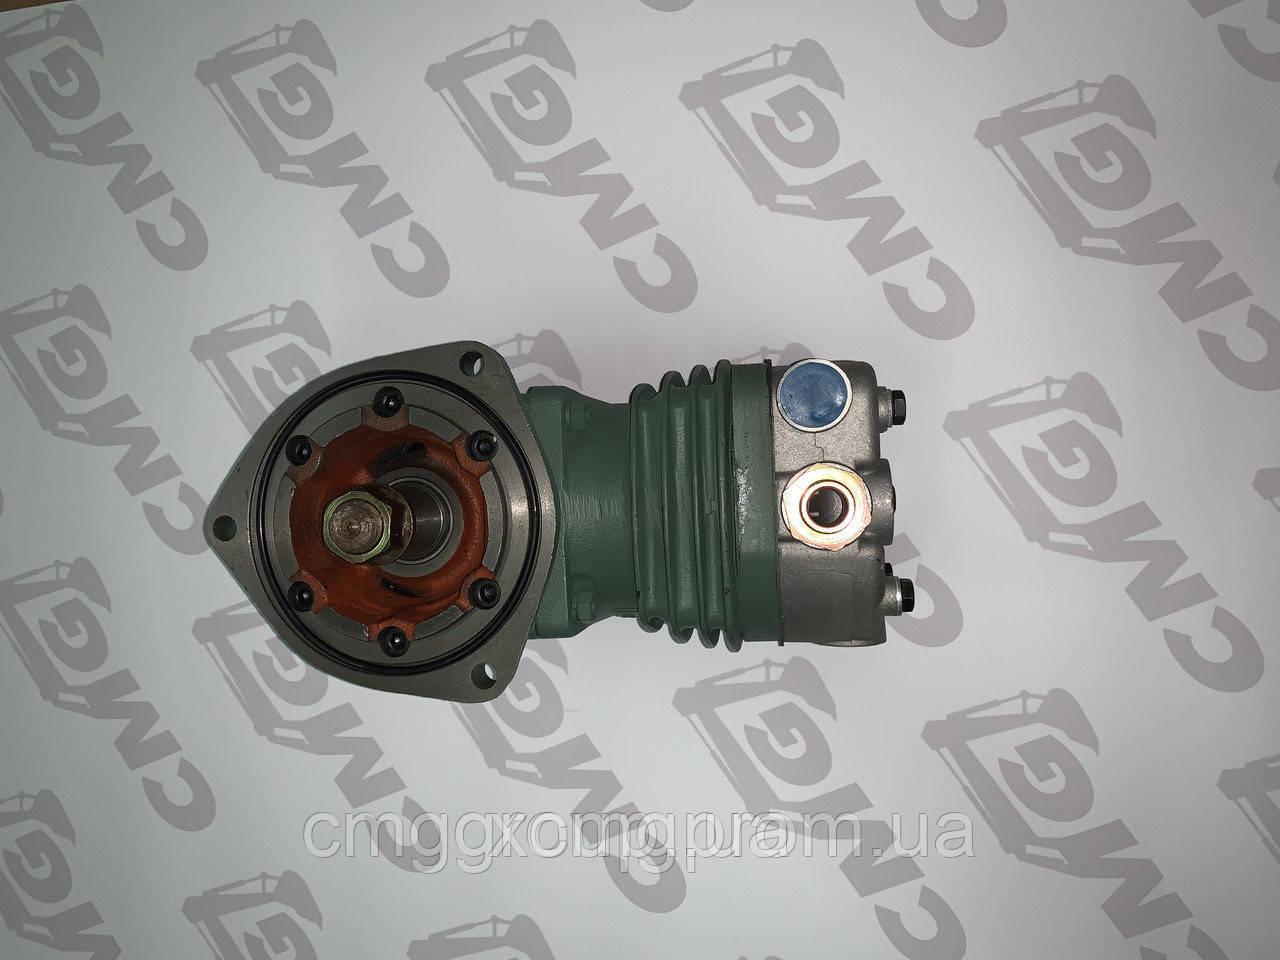 Повітряний компресор на двигун 61800130043 Weichai Diesel WD-615, WD-10